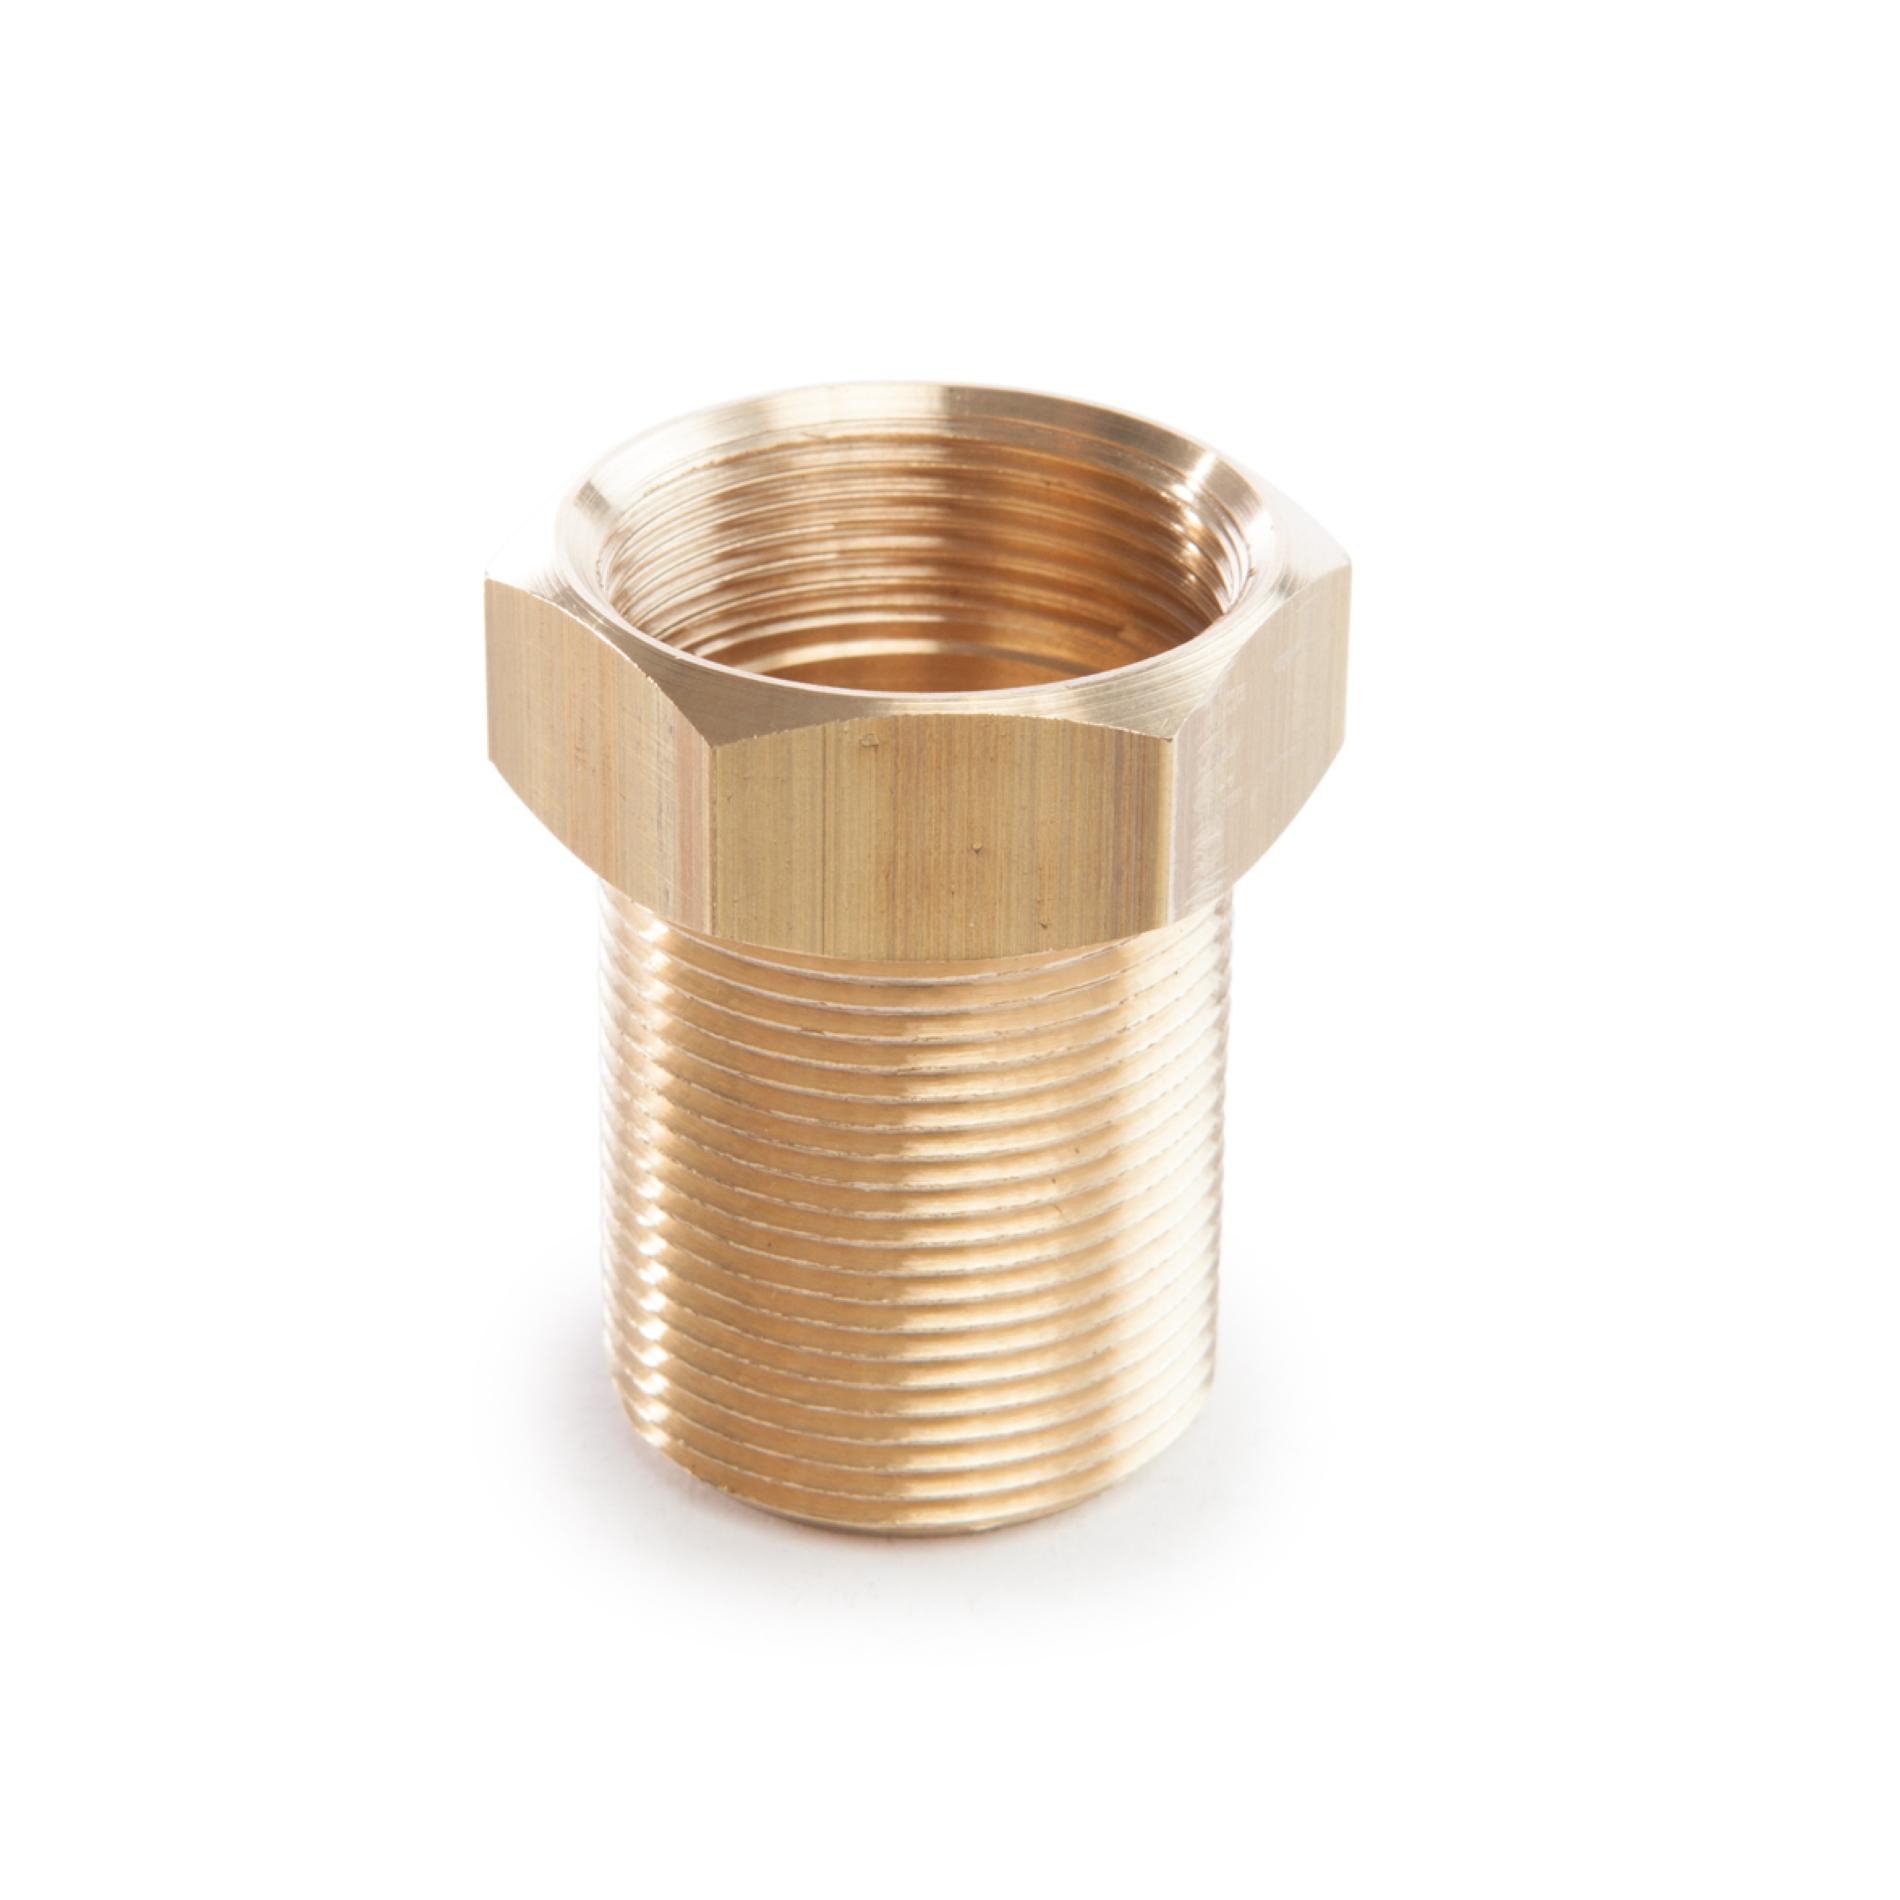 24P Prolunga per saracinesca 240 Extension for gate valve 240 spare parts accessori ricambi